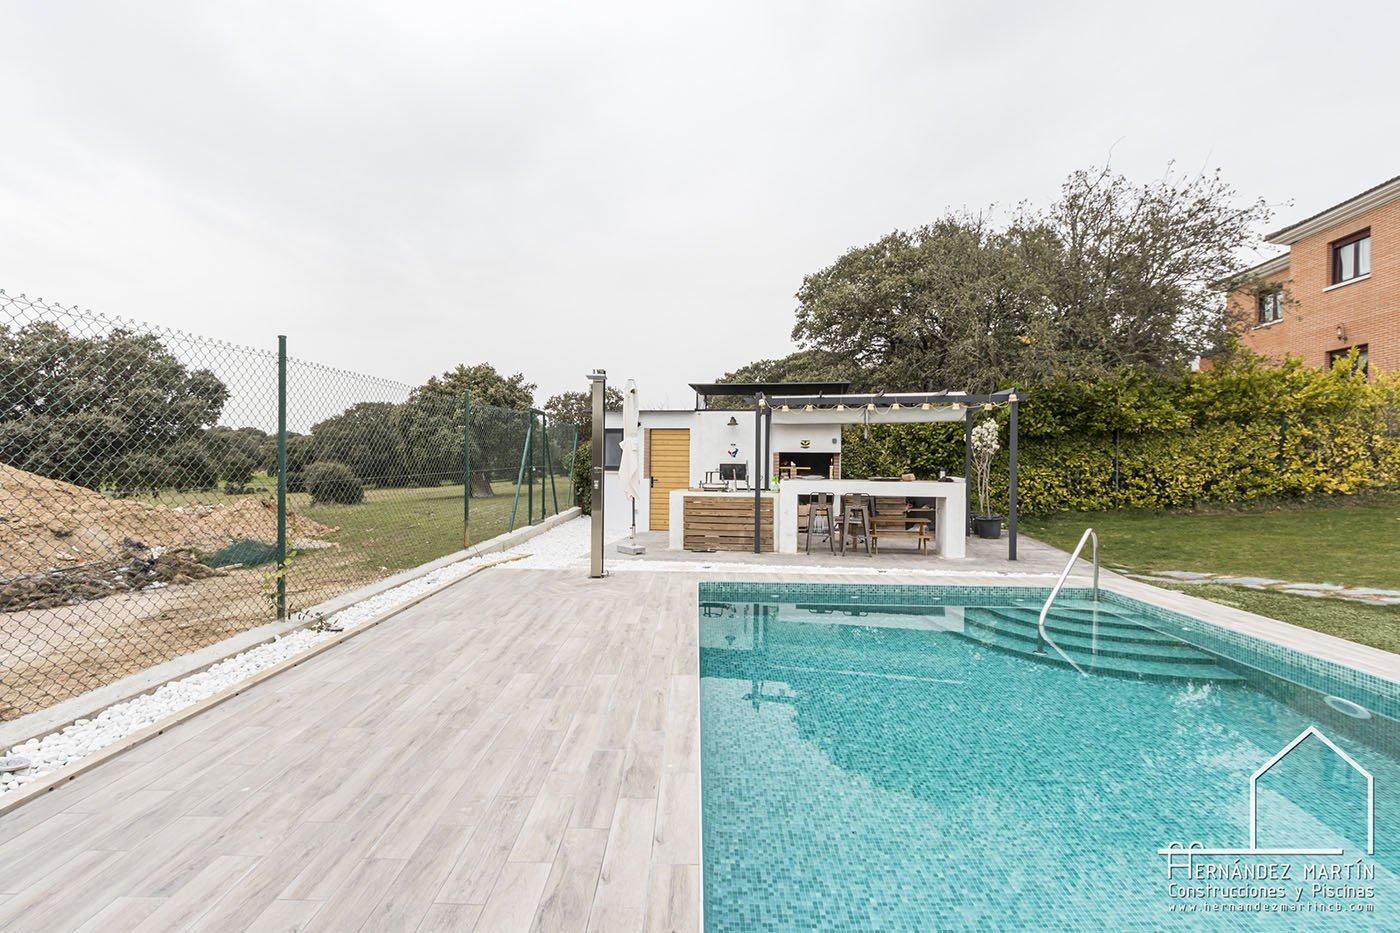 hernandez martin construcciones y piscinas experiencia obra piscina zamora salamanca valladolid dehesa cuatro calzadas